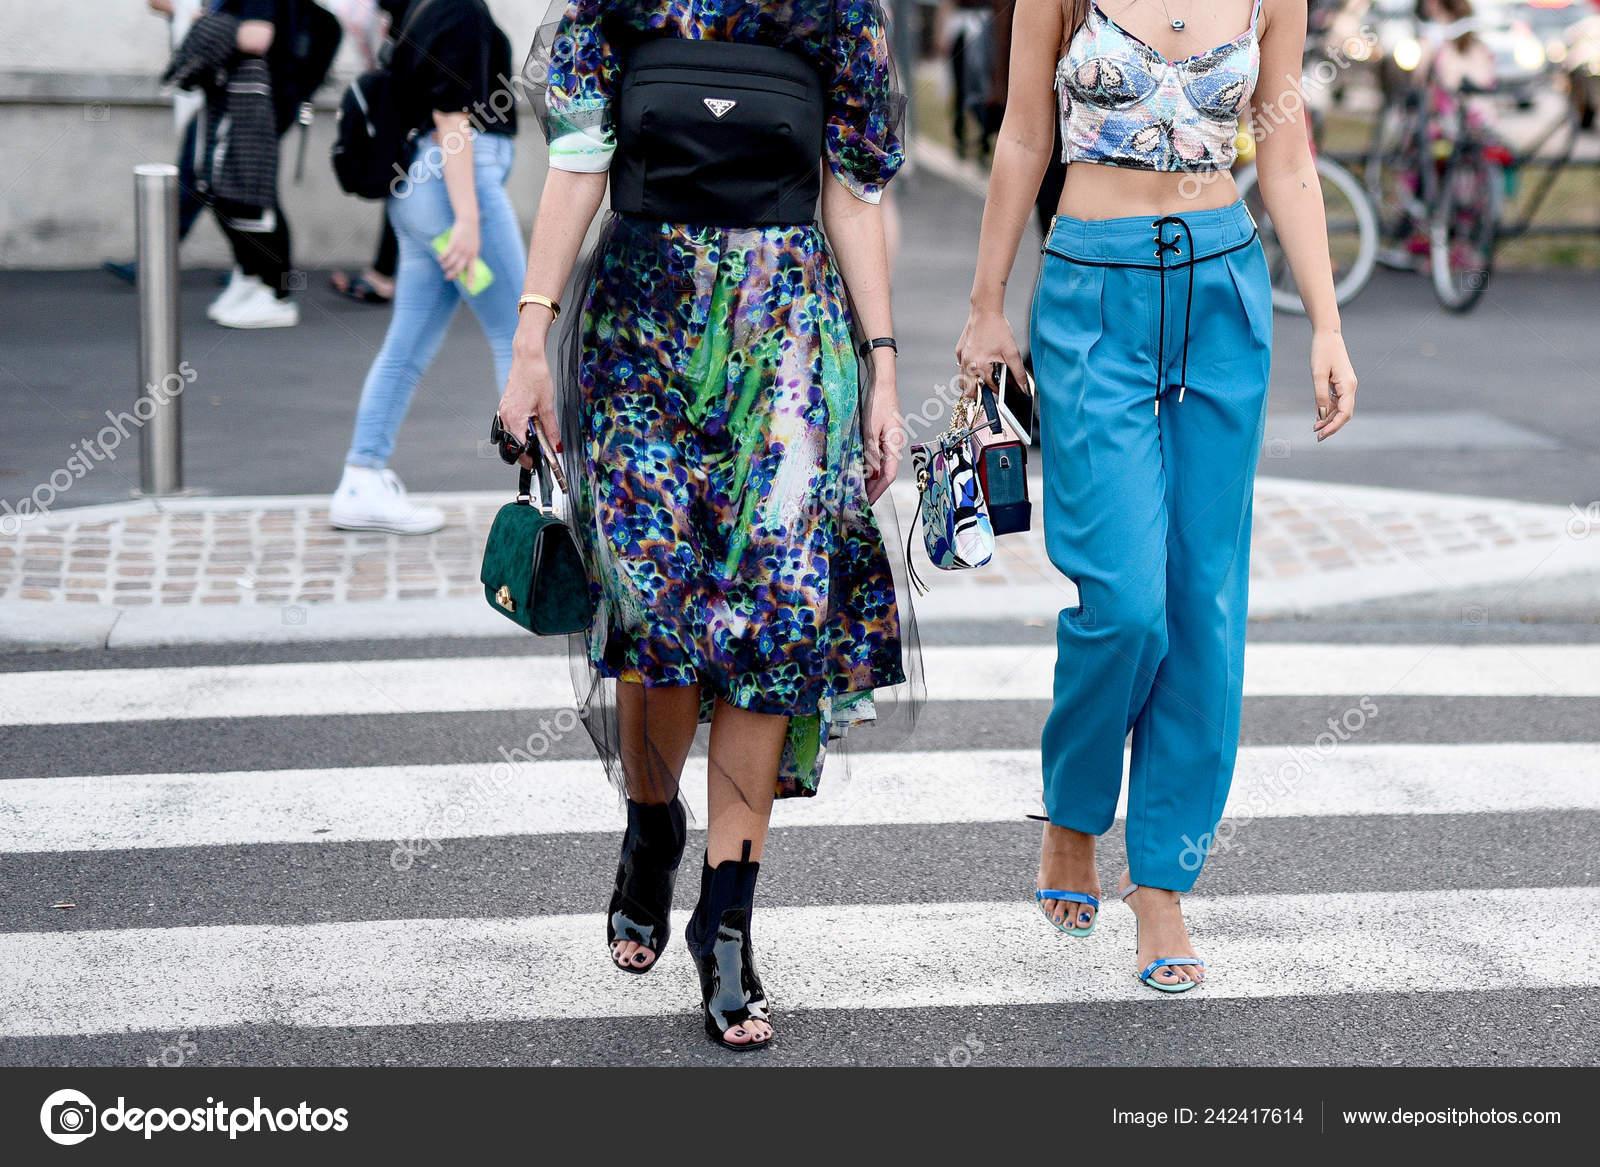 54f82dc8bf81 Σεπτεμβρίου 2018 Μιλάνο Ιταλία Οδός Στυλ Ρούχα Λεπτομερώς Κατά ...